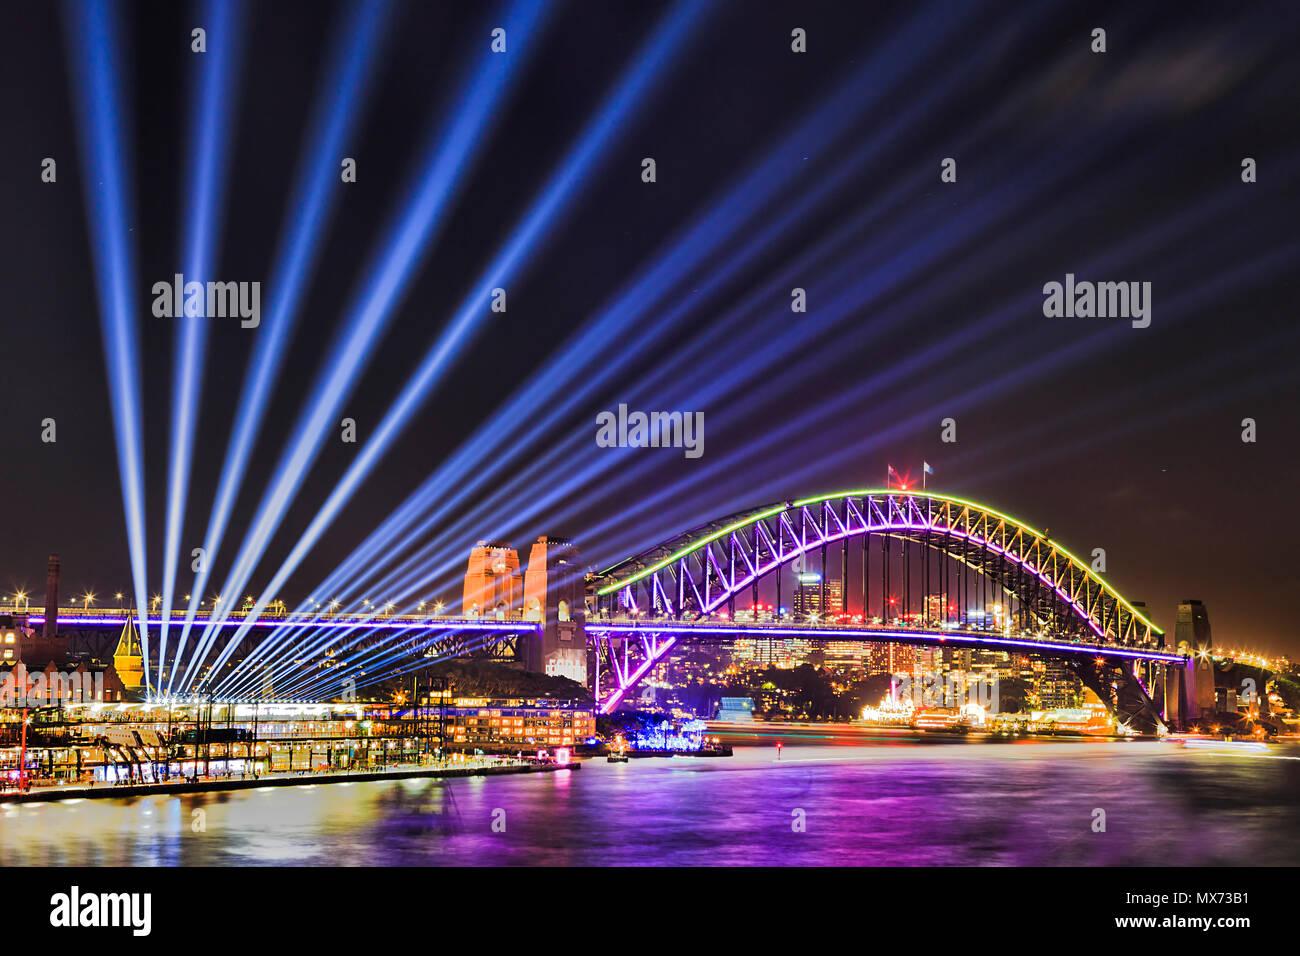 Vivid sydney festival de lumière et d'idées dans la ville de Sydney CBD autour de Port avec les faisceaux lumineux sur le Harbour Bridge à partir de Circular Quay. Photo Stock